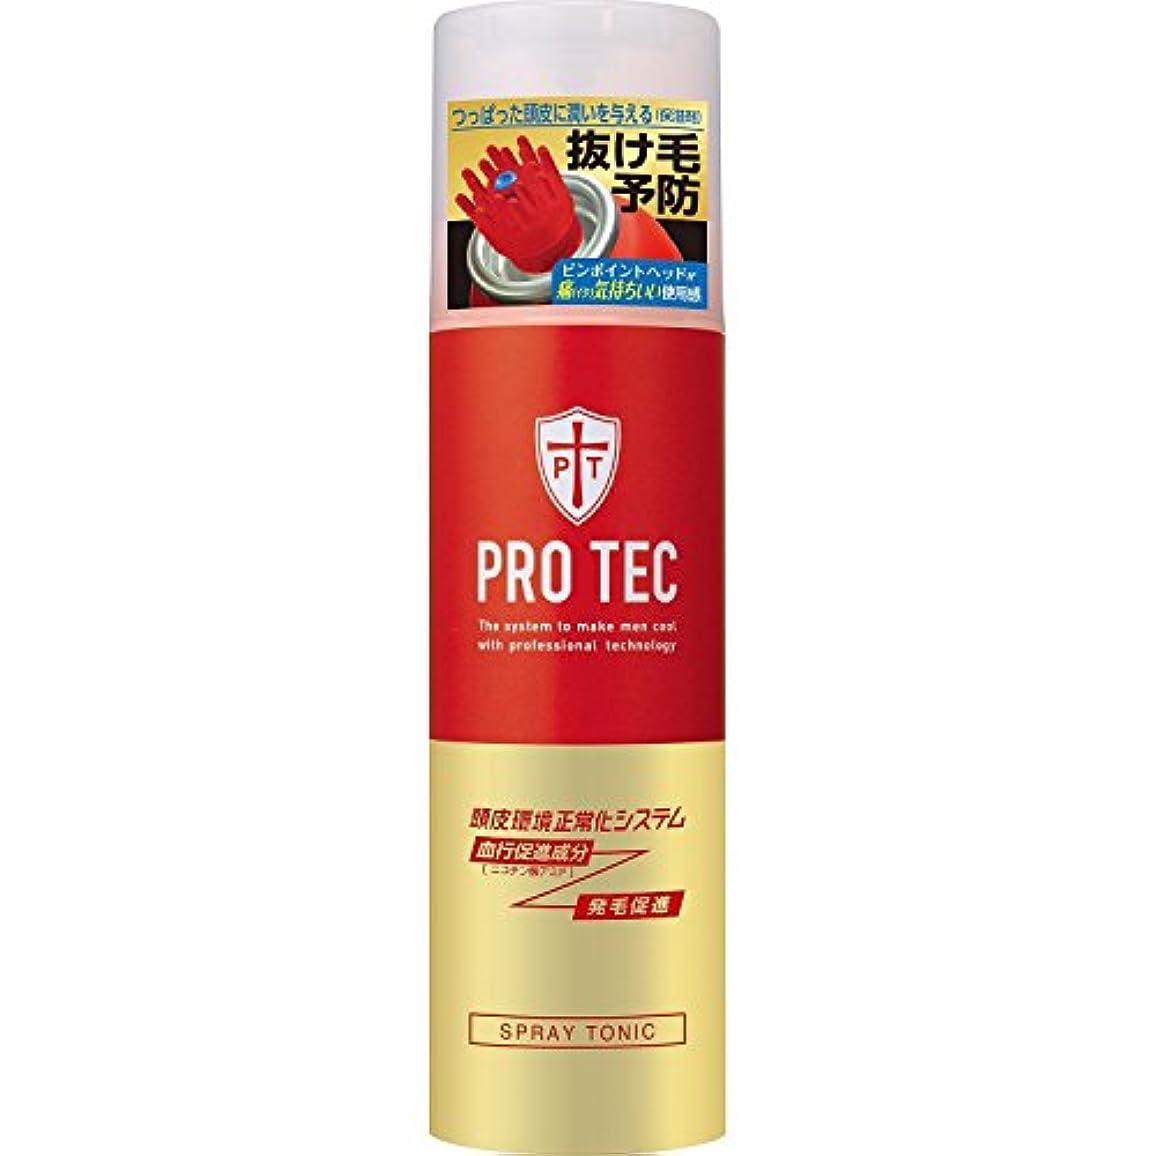 取り囲むデザート技術PRO TEC(プロテク) スプレートニック 150g (医薬部外品) ×10個セット